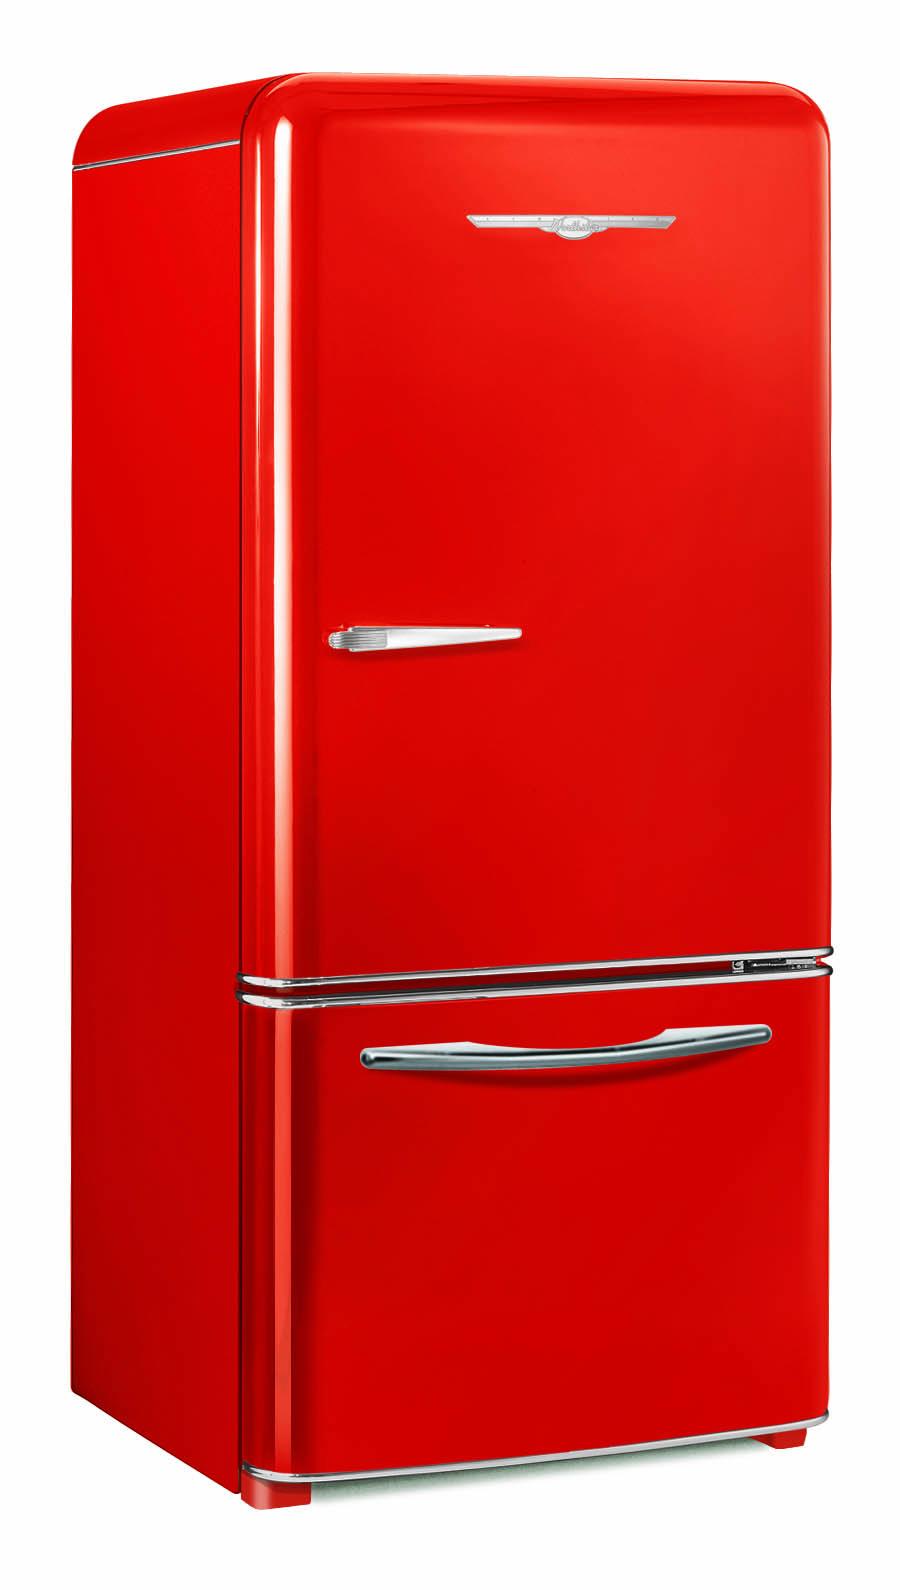 kitchen warner stellian appliance autos post